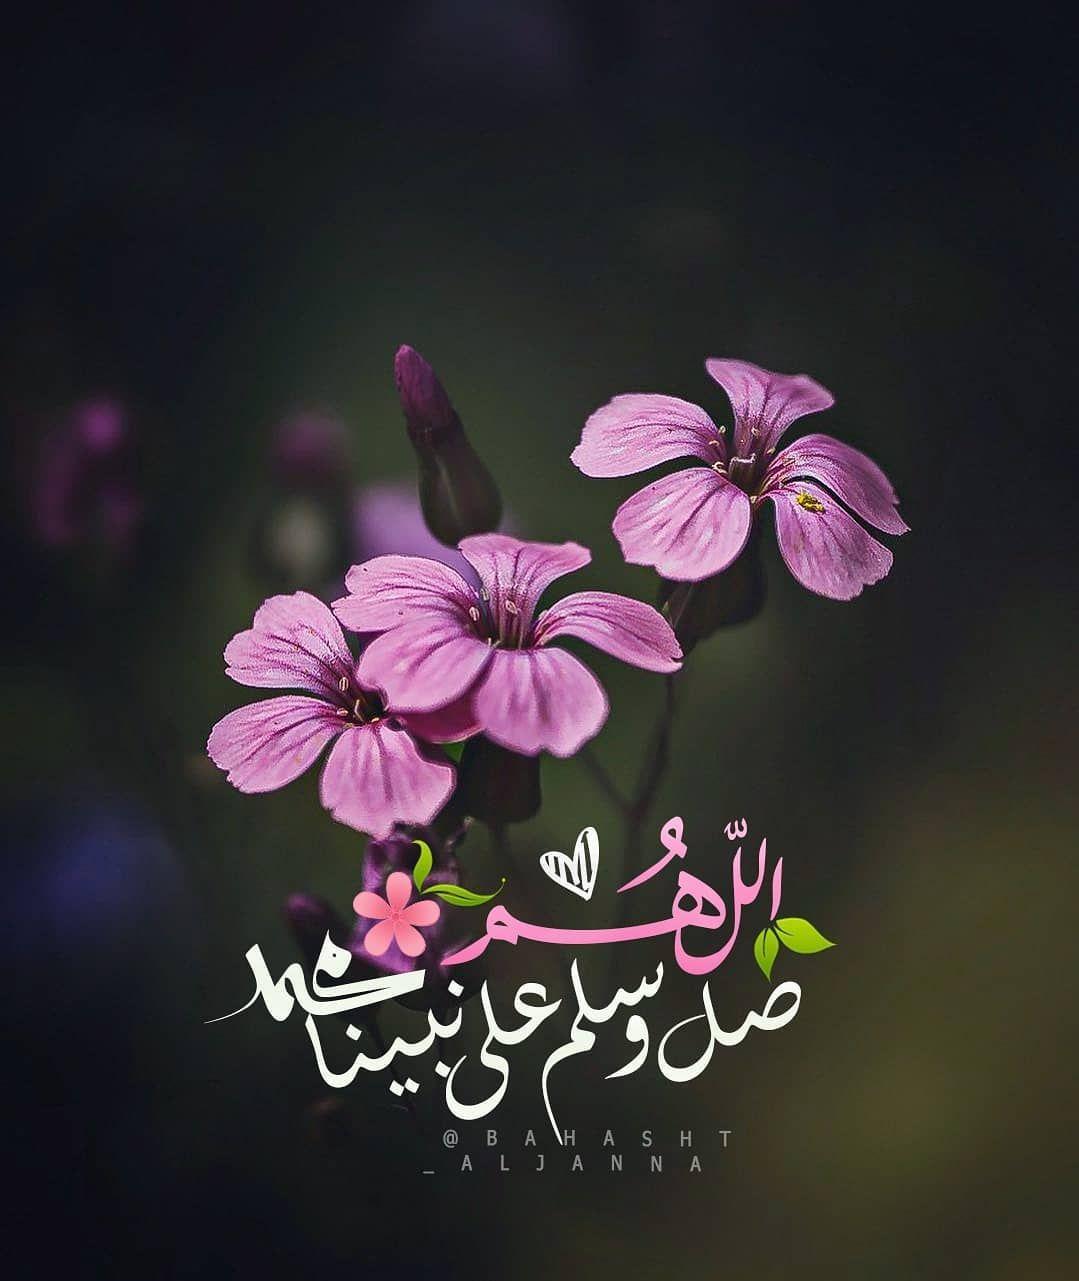 الجنة On Instagram اللهم الله القران الحمدلله رمزيات تصميمي تصميم مكة المدينة القدس محمد In 2020 Beautiful Islamic Quotes Islamic Images Muslim Images